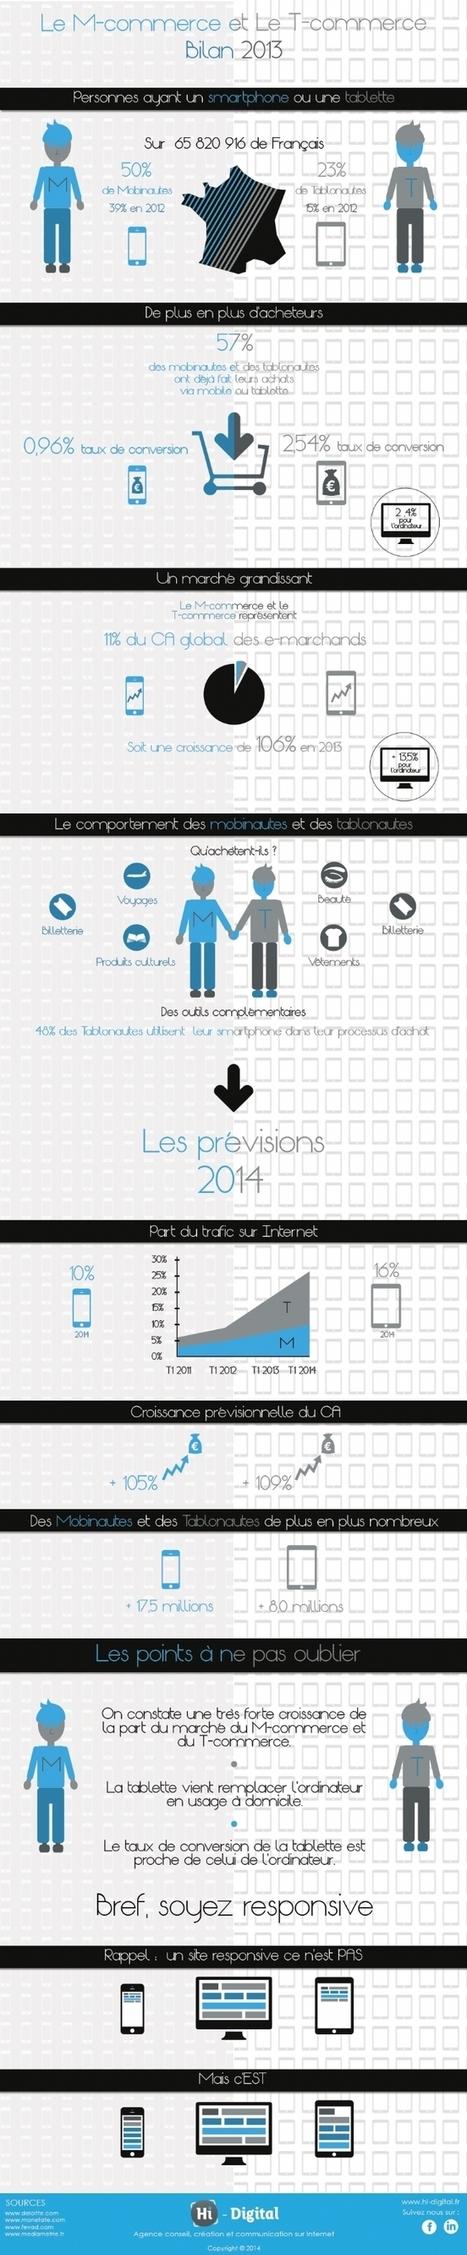 M-Commerce et T-Commerce : le bilan 2013 | Actualité de l'E-COMMERCE et du M-COMMERCE | Scoop.it